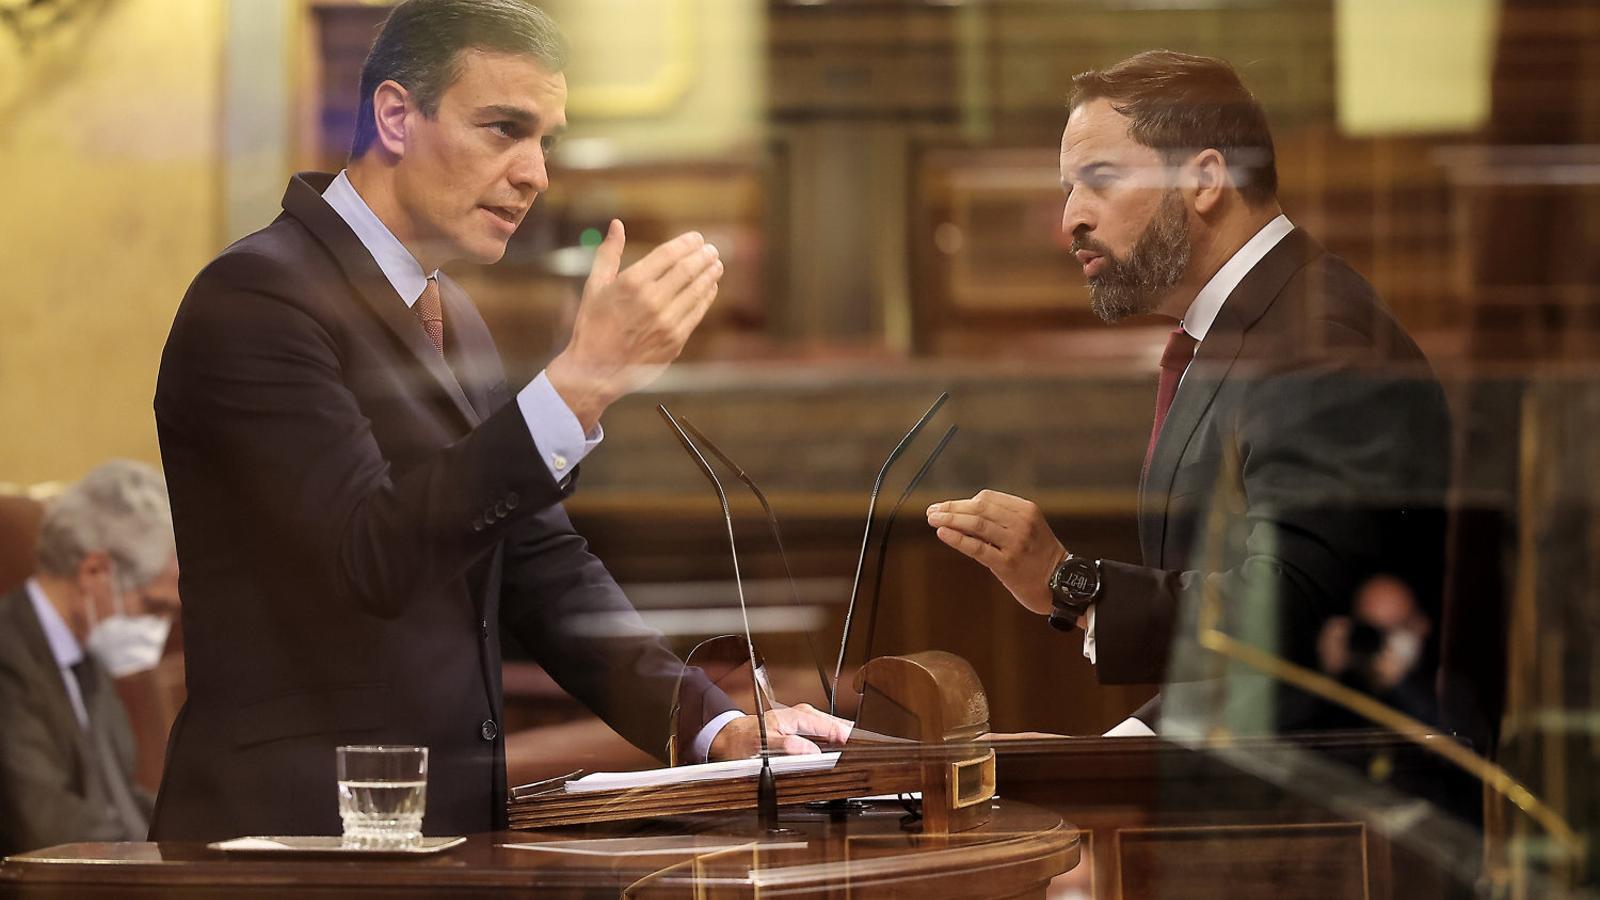 El discurs ultra de Vox s'apodera del Congrés